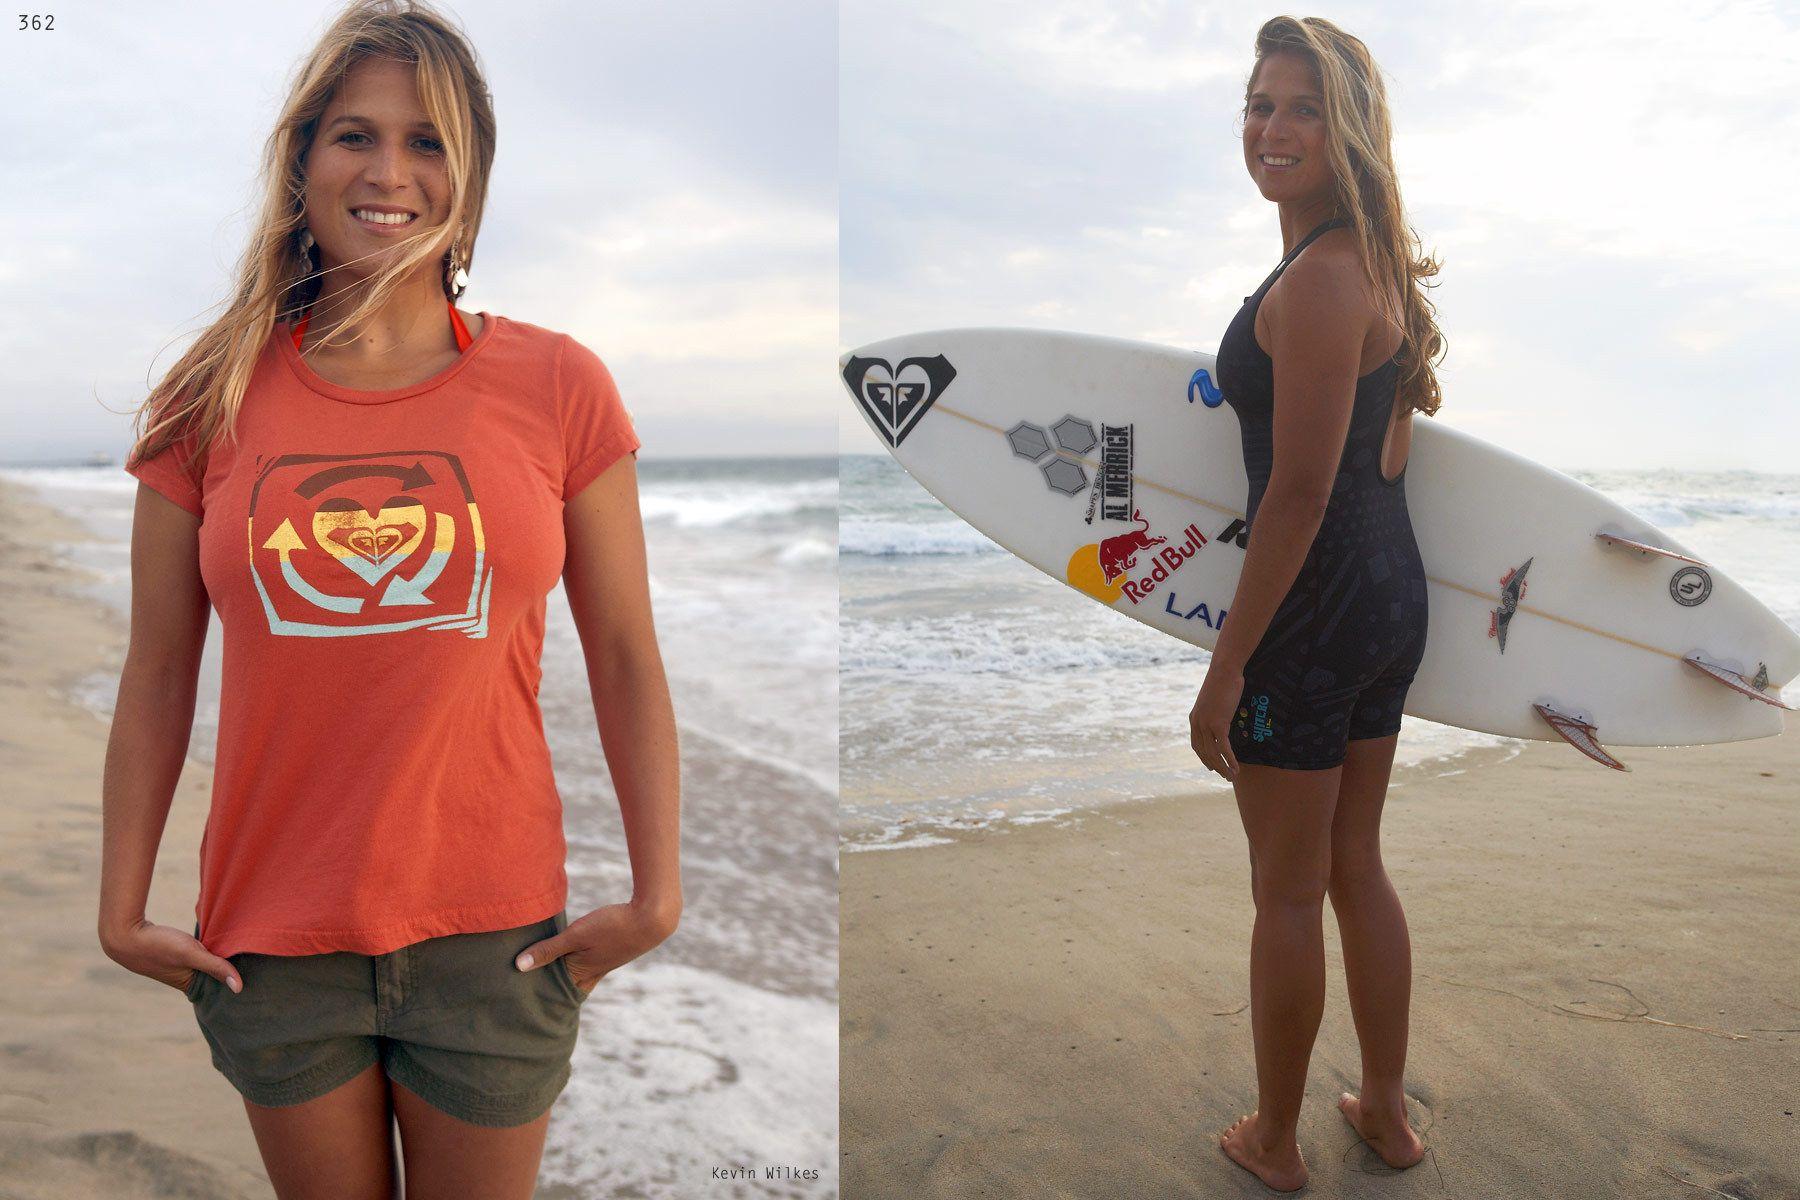 Sofia Mulanovich, una surfista famosa de Peru World surf